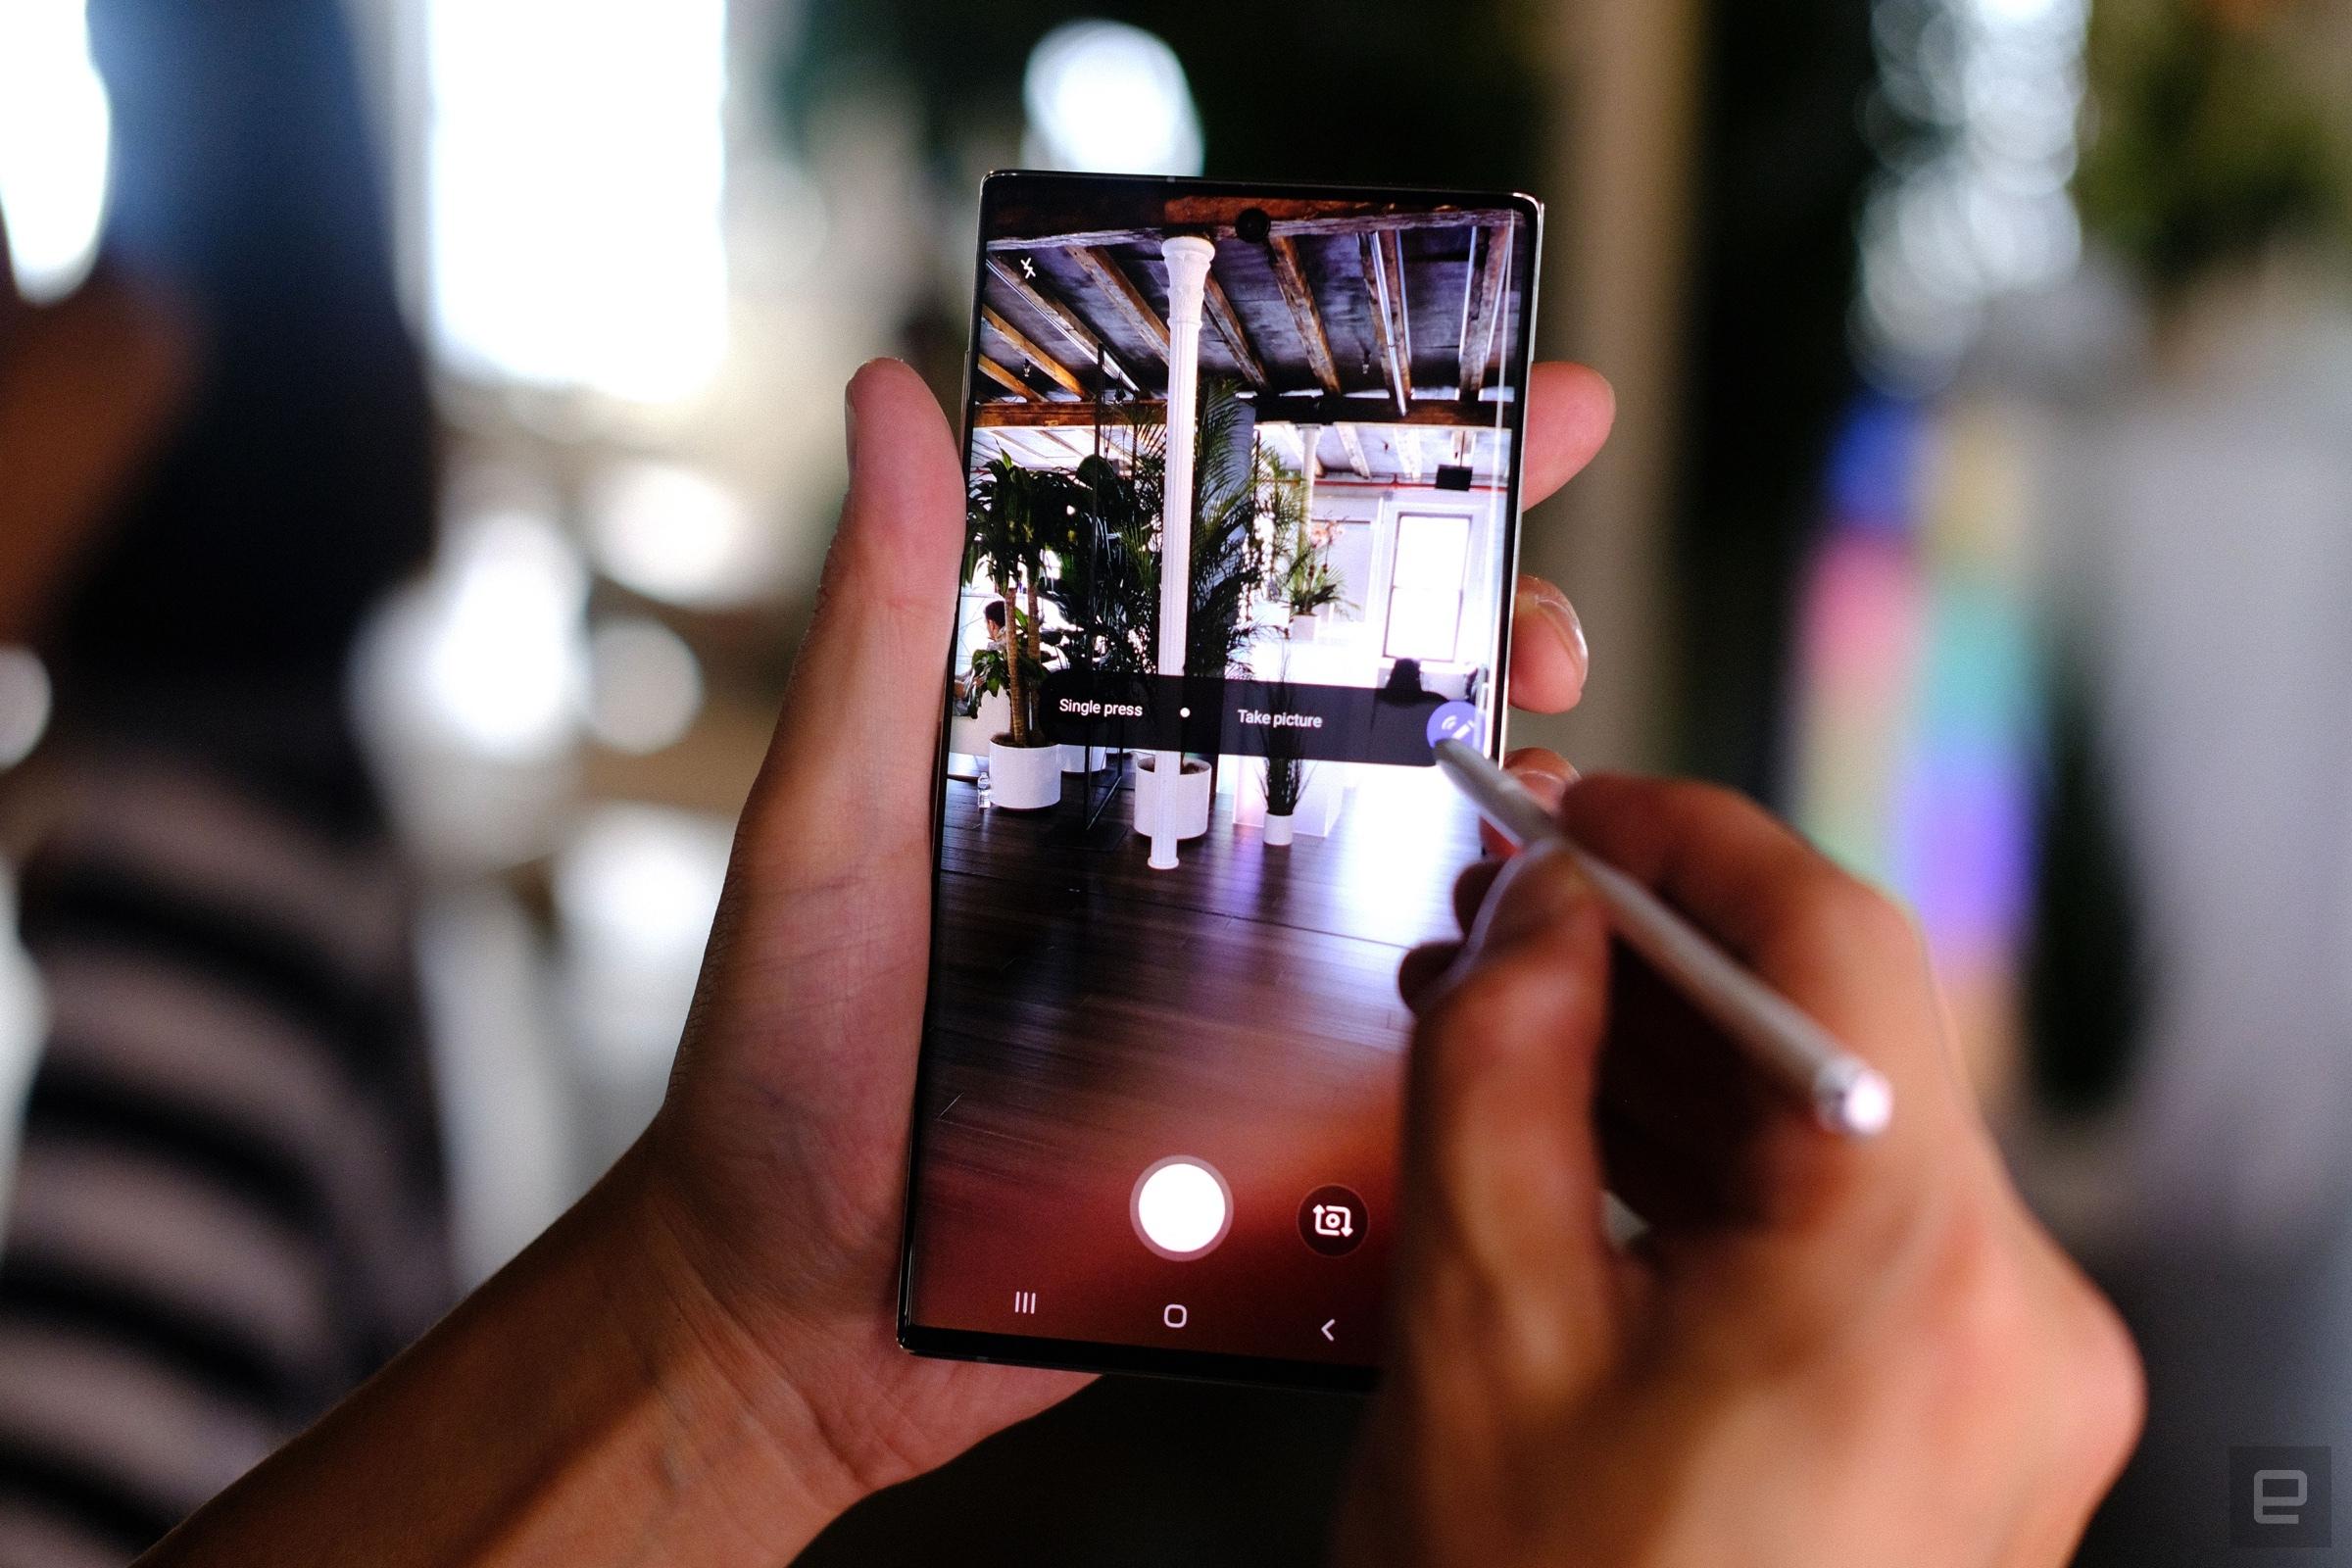 Galaxy Note 10 chính thức trình làng: 2 kích thước, bút S Pen mới và hỗ trợ DeX trên laptop